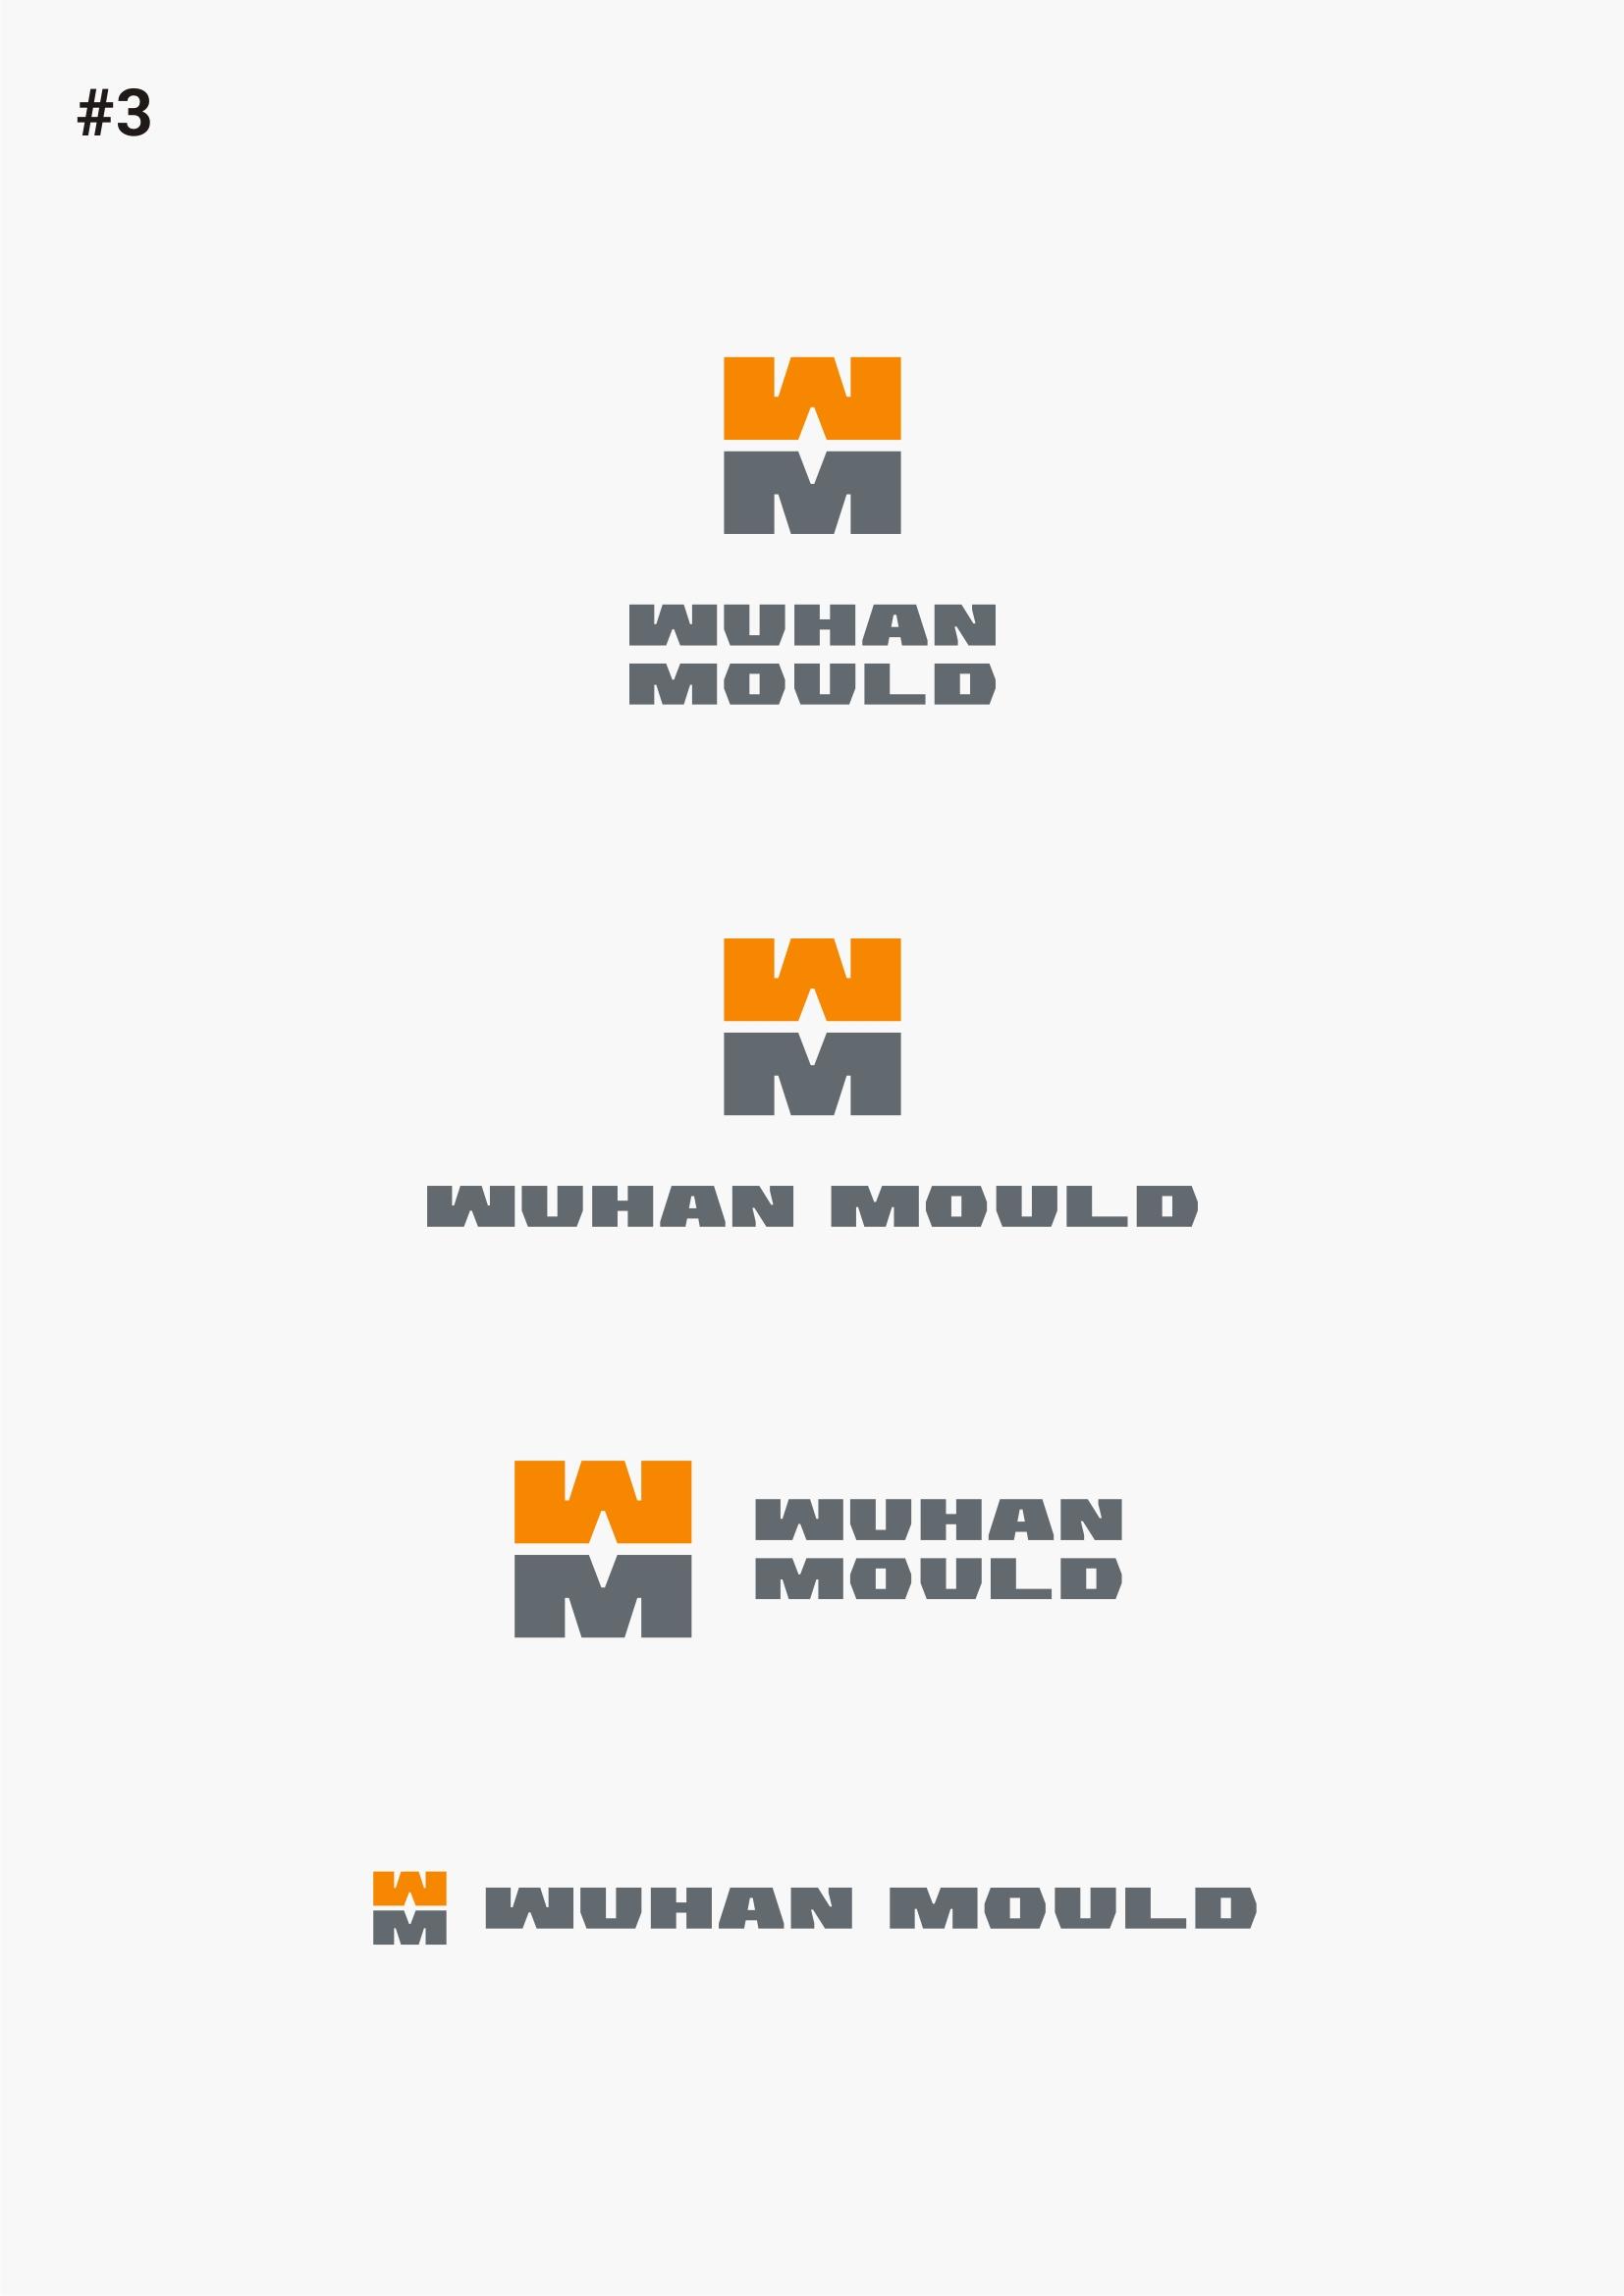 Создать логотип для фабрики пресс-форм фото f_684599a6104e9a1f.jpg